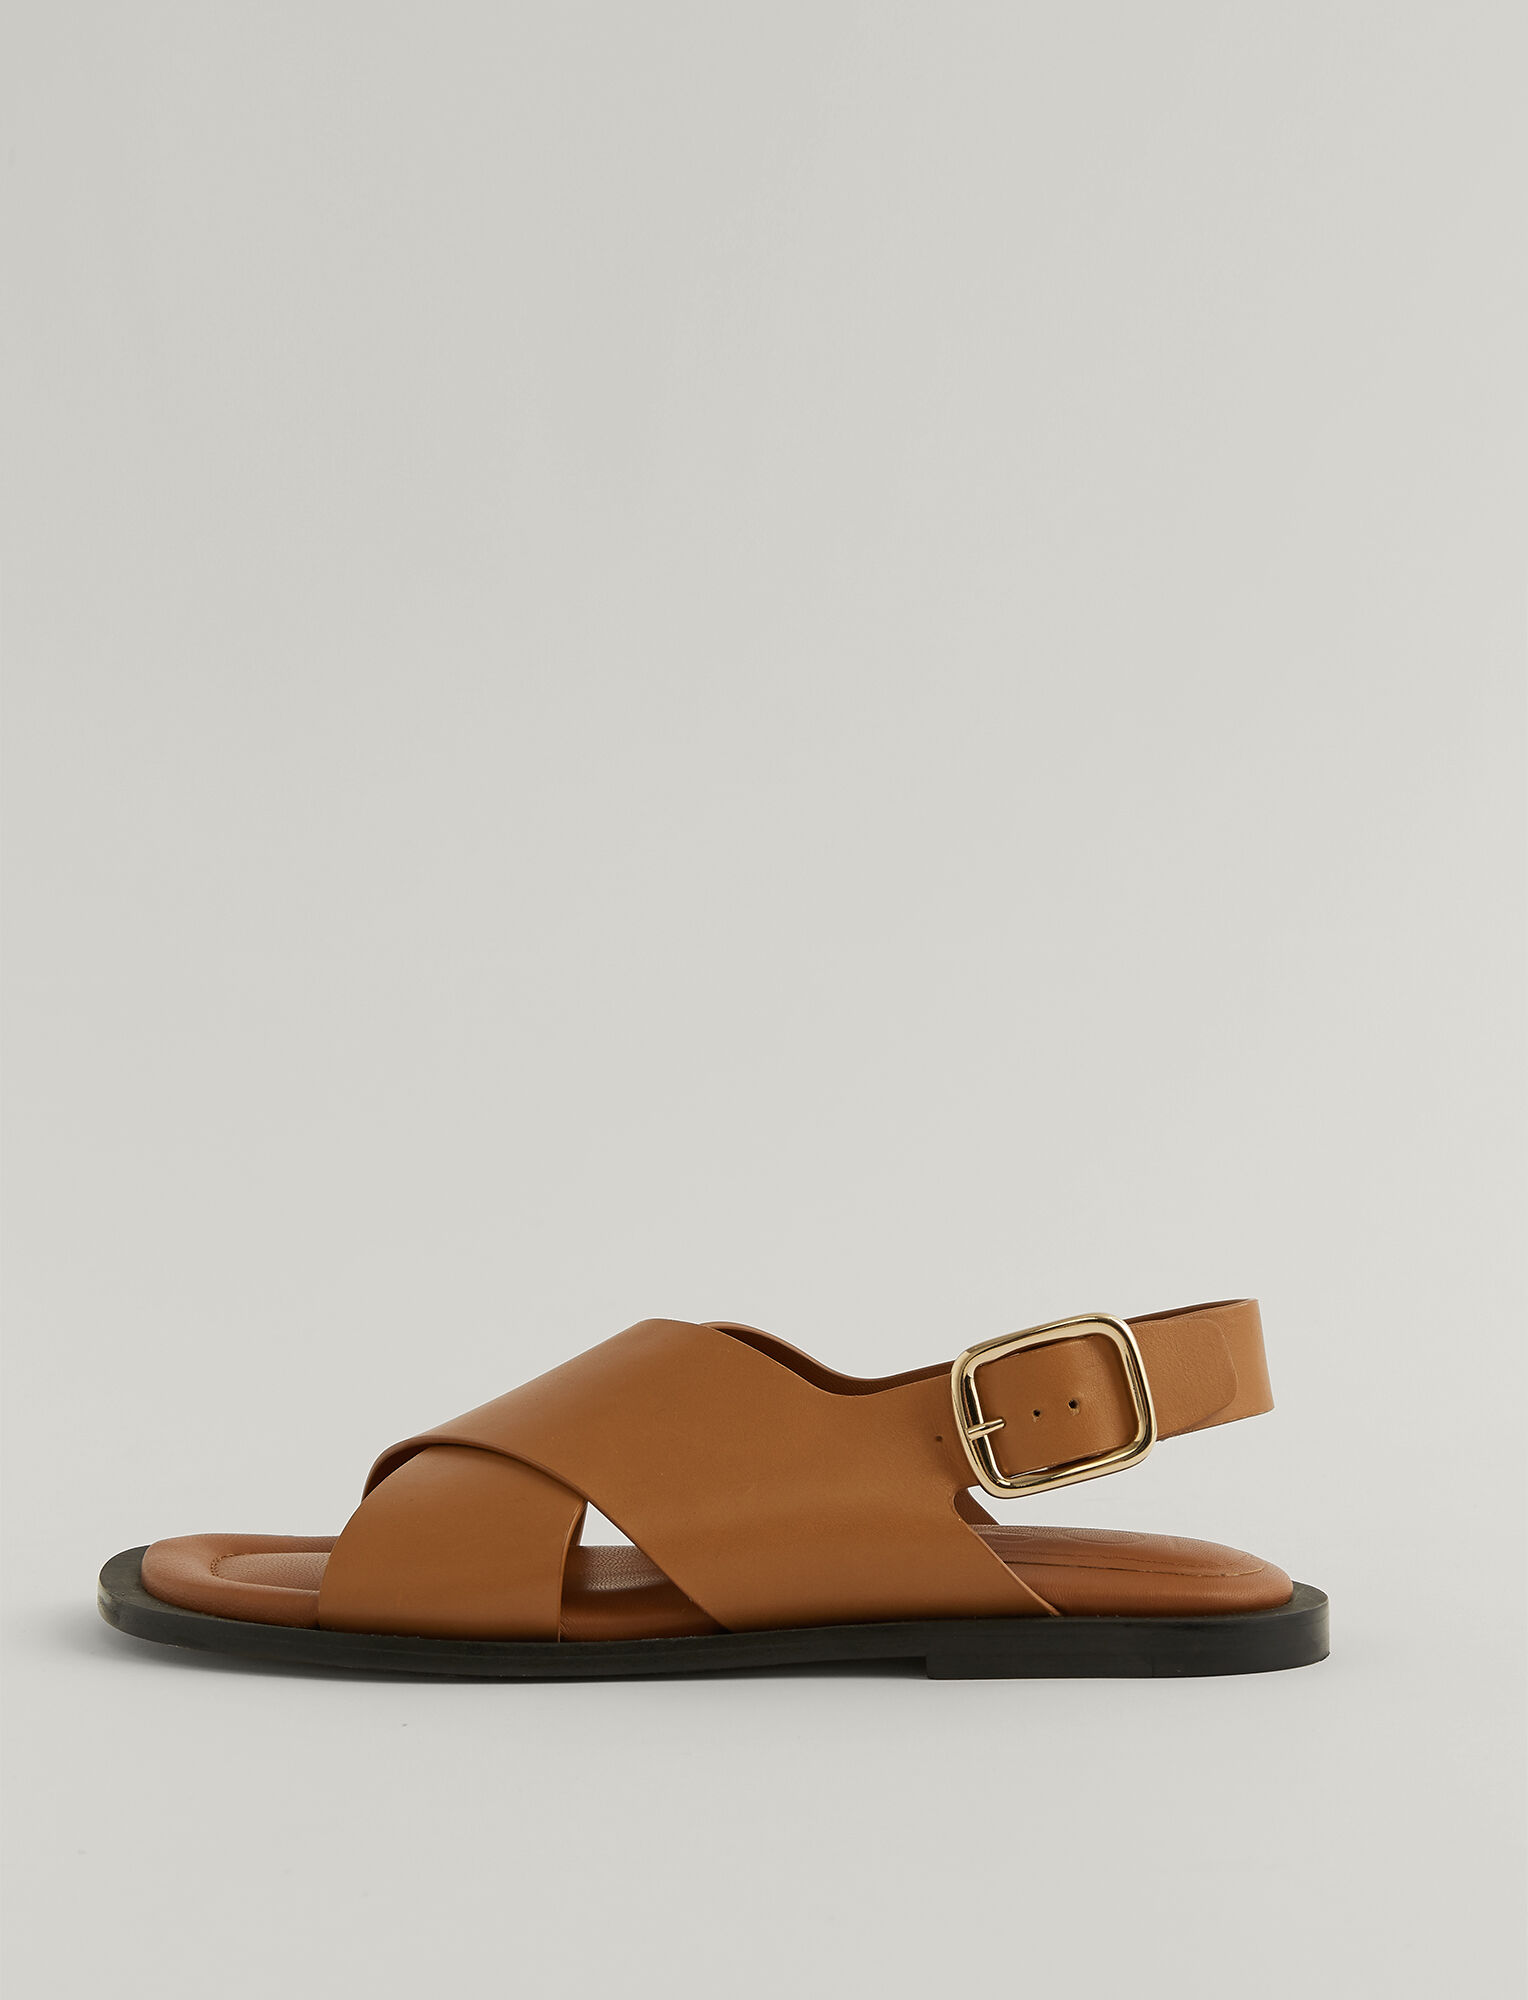 Joseph, Single Criss Cross Sandal, in OAK